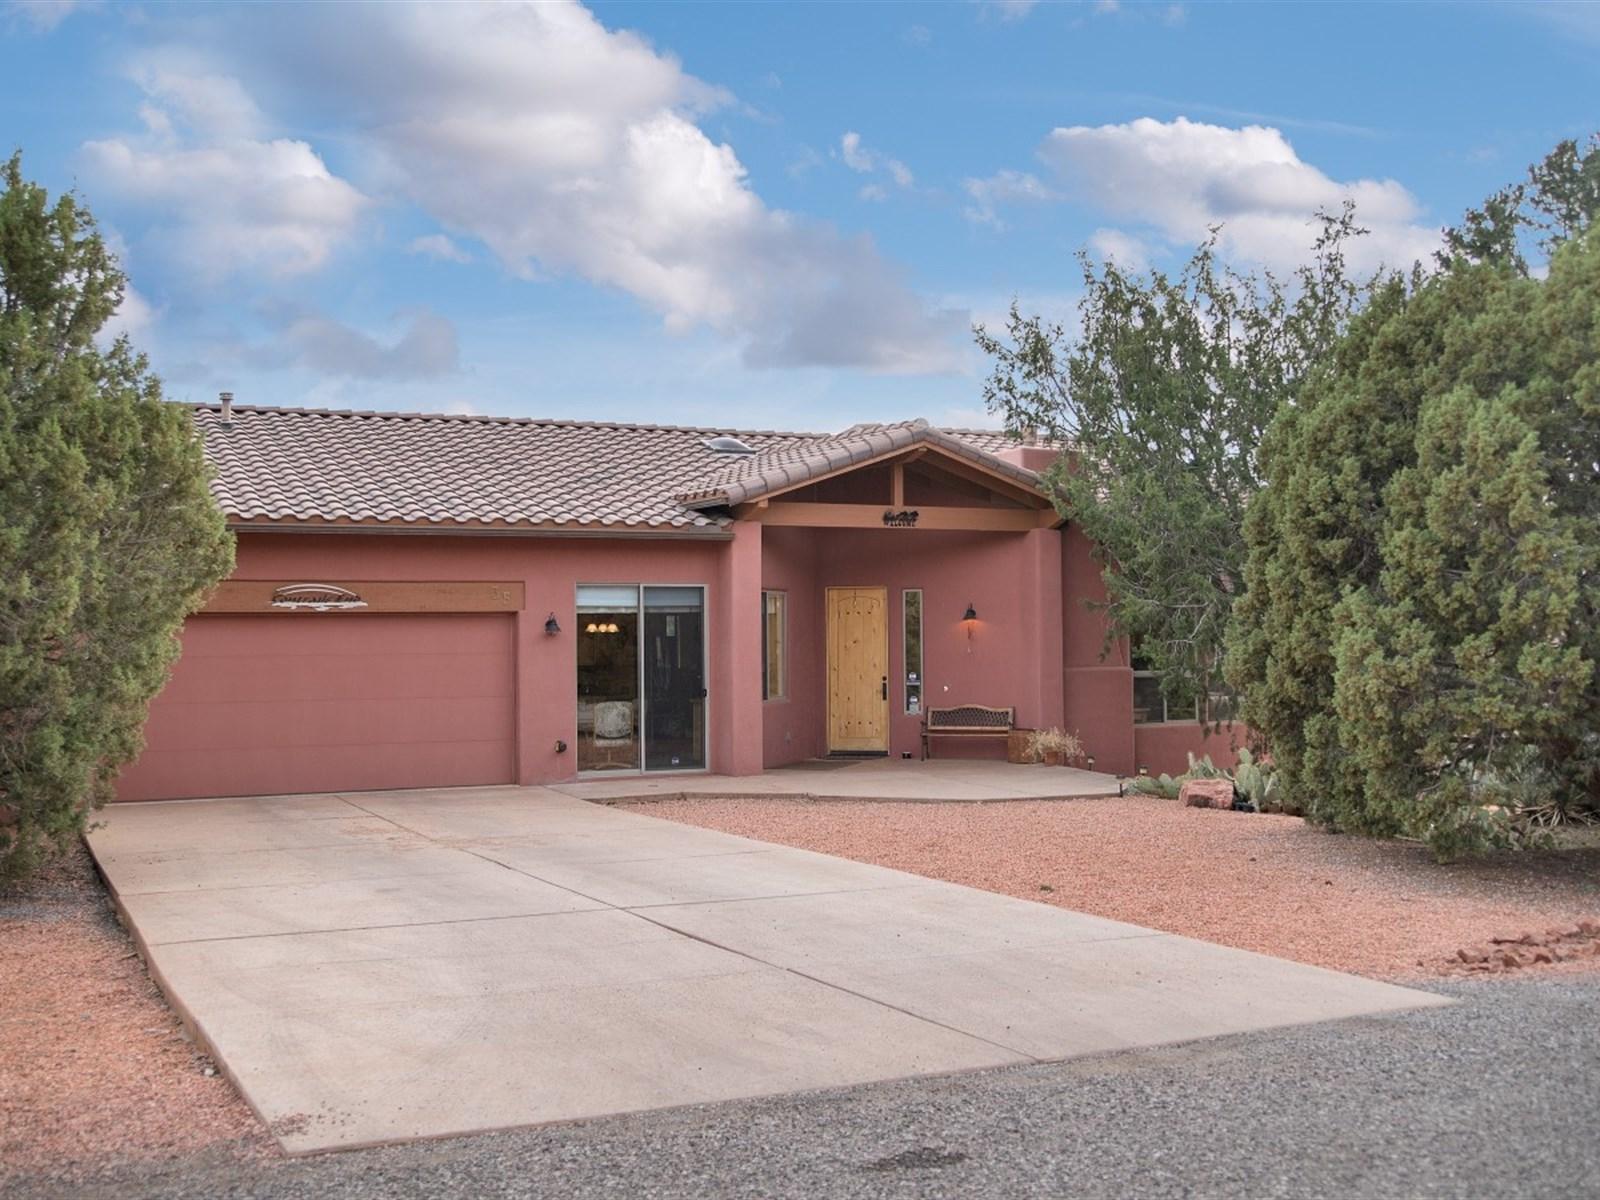 Tek Ailelik Ev için Satış at Peaceful Casa Natural 35 Stations West DR Sedona, Arizona 86336 Amerika Birleşik Devletleri